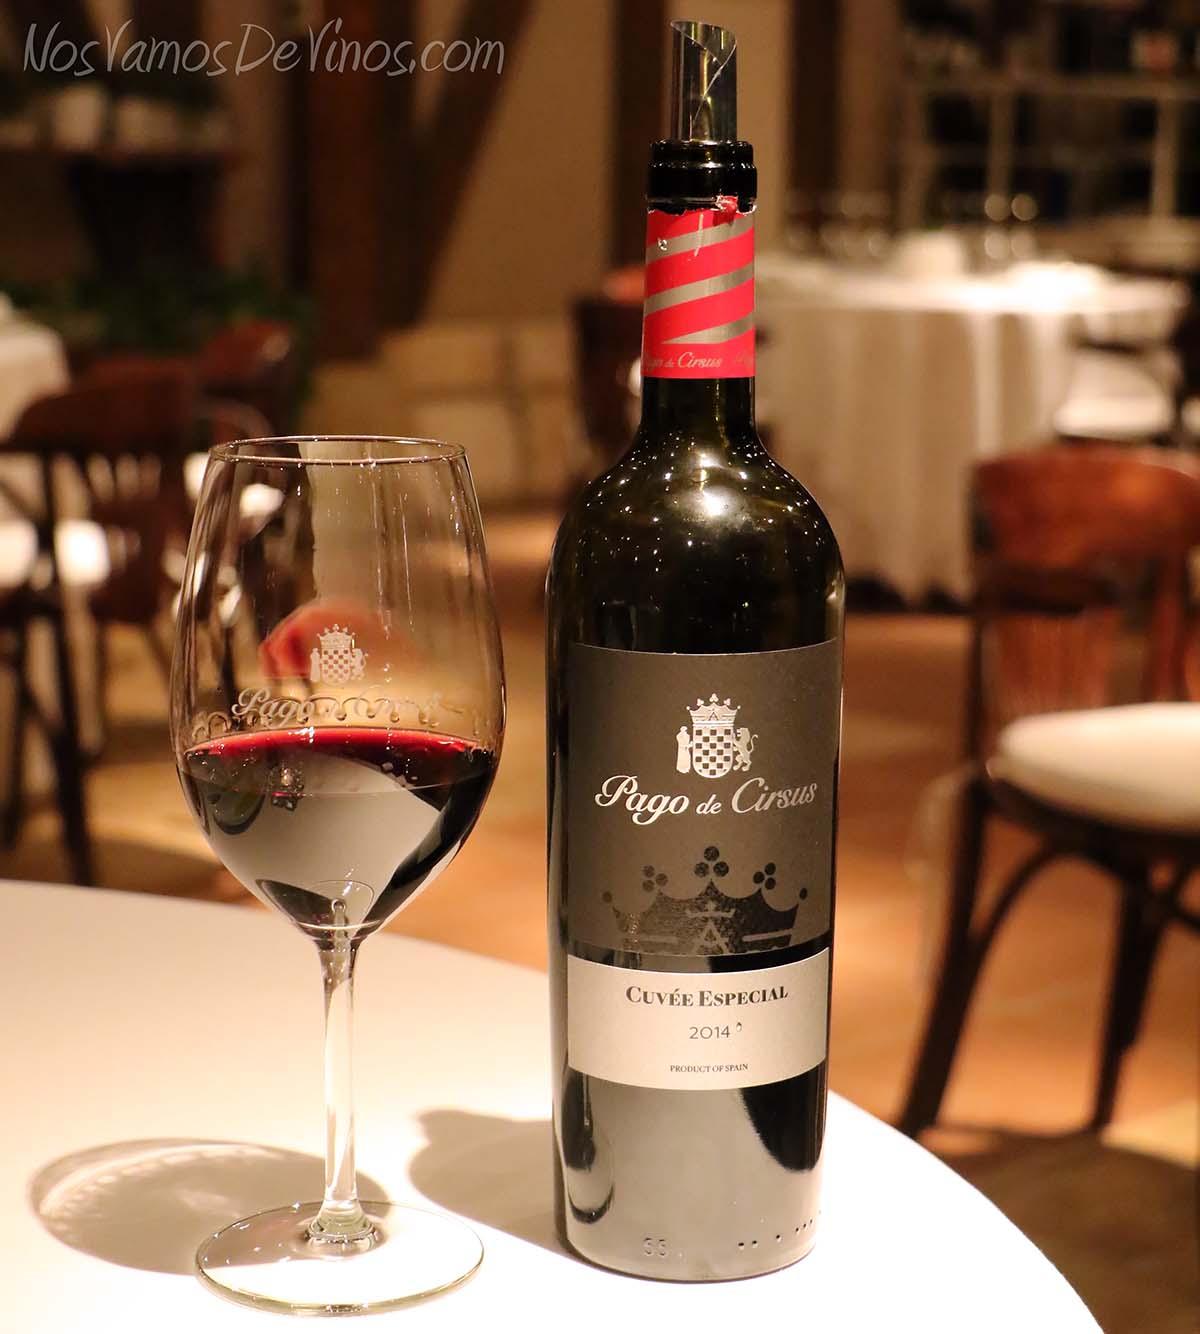 Pago-de-Cyrsus-Cuvee-Especial-2014-vino